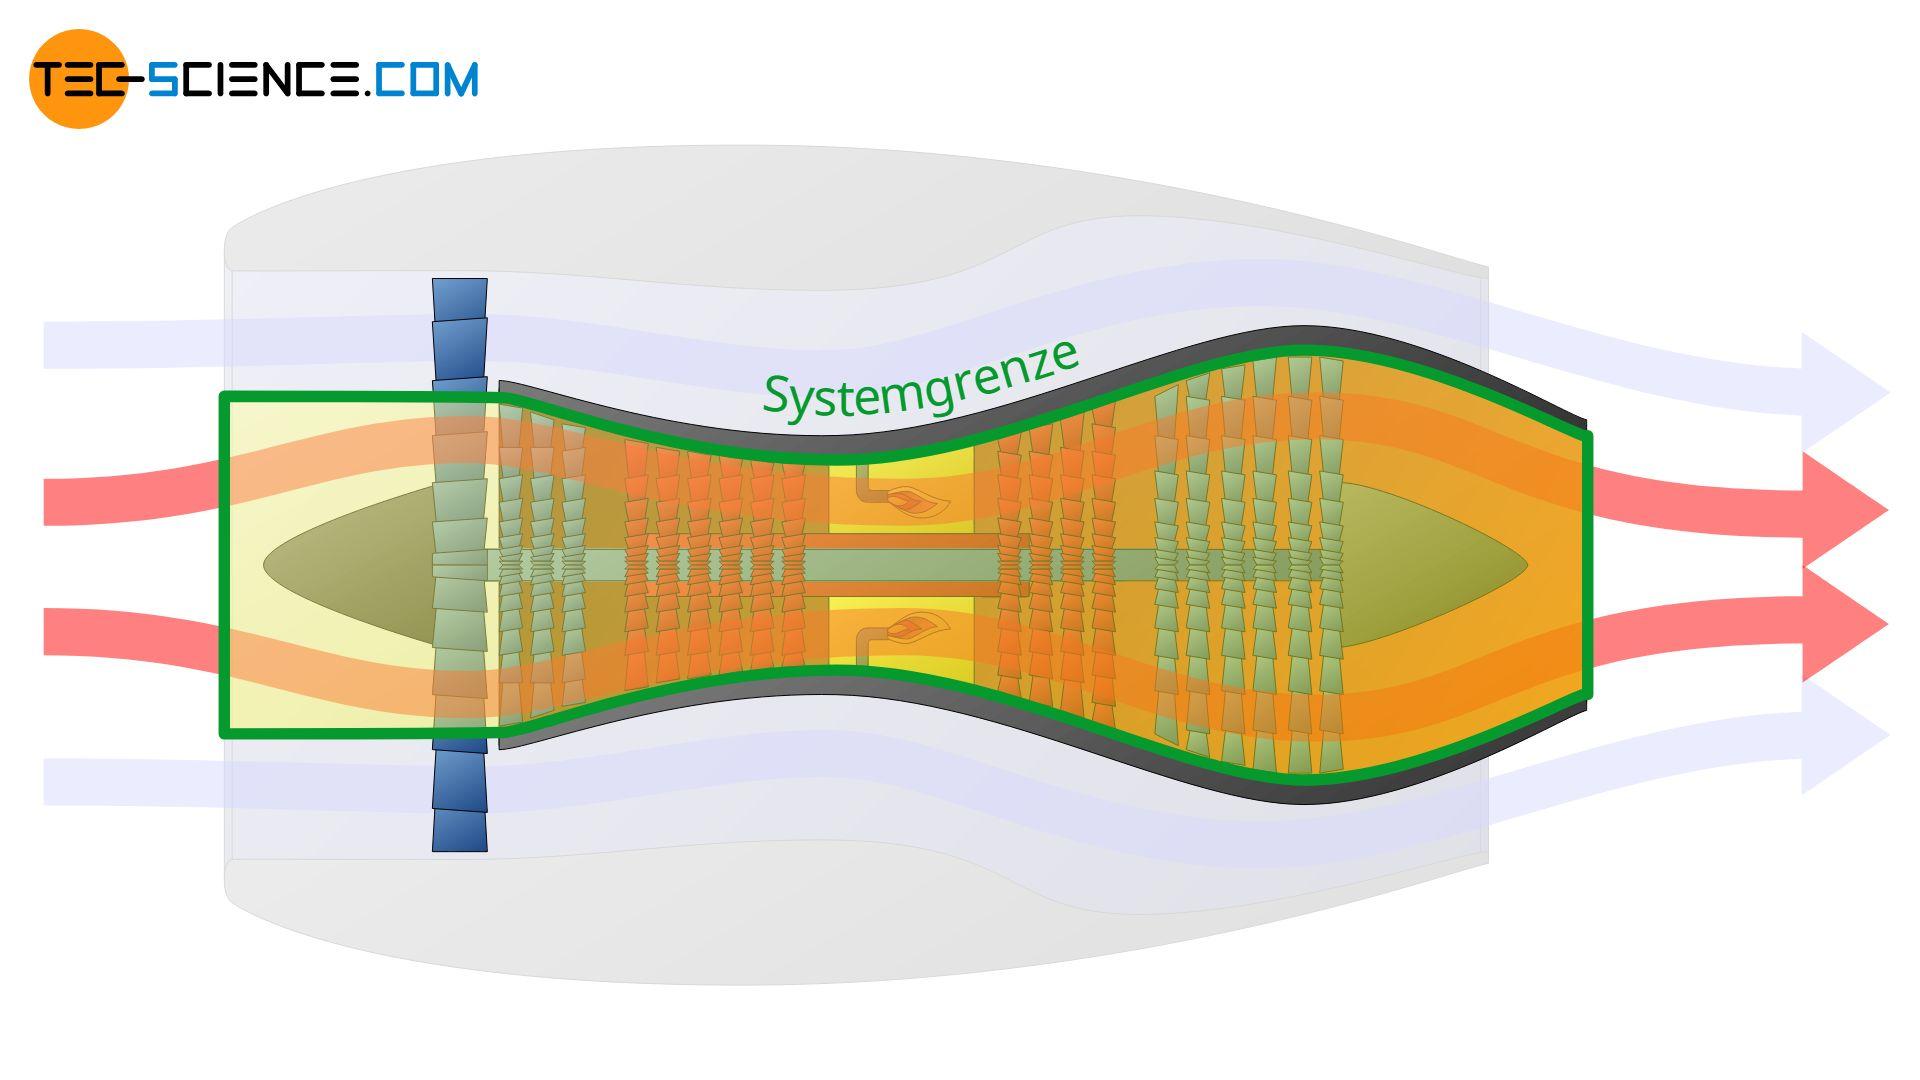 Verdichter und Turbine als Systemgrenze zur Beschreibung der thermodynamischen Vorgänge im Kernstrom